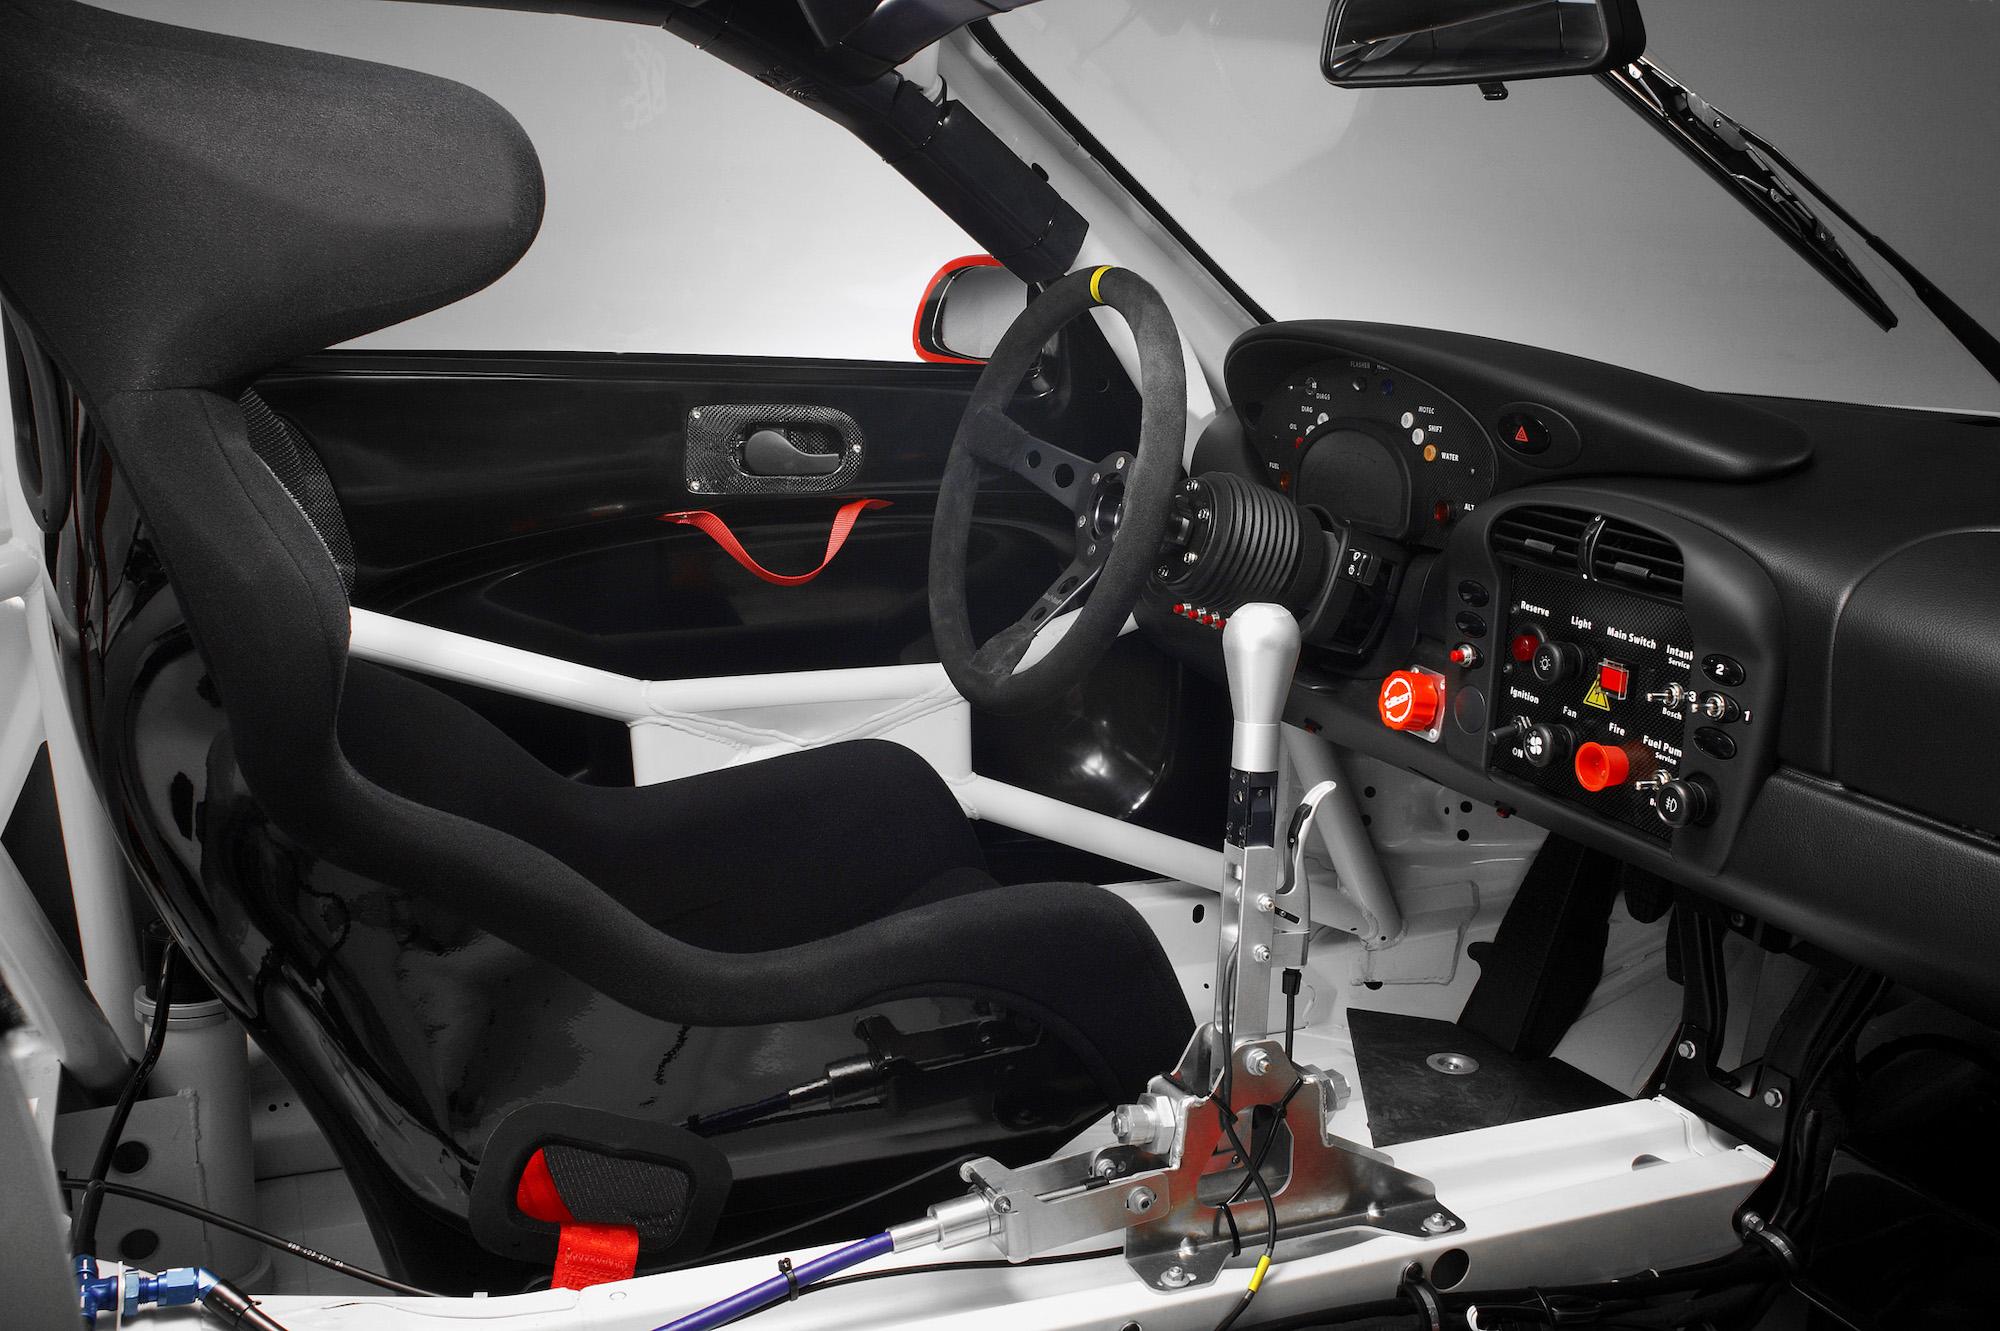 2004 年 Porsche 911 GT3 RSR 方向盤。